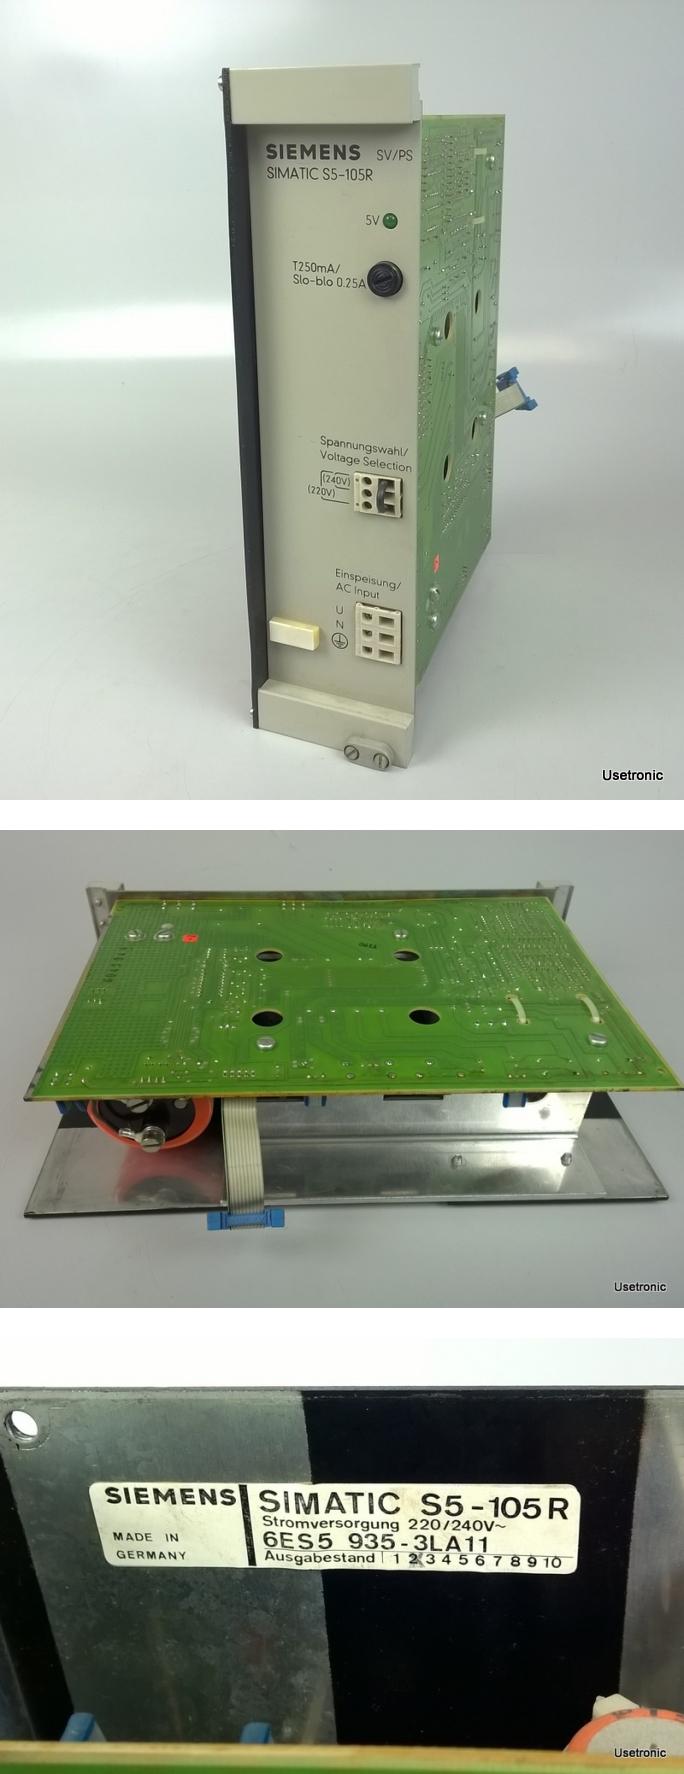 Siemens 6ES5935-3LA11